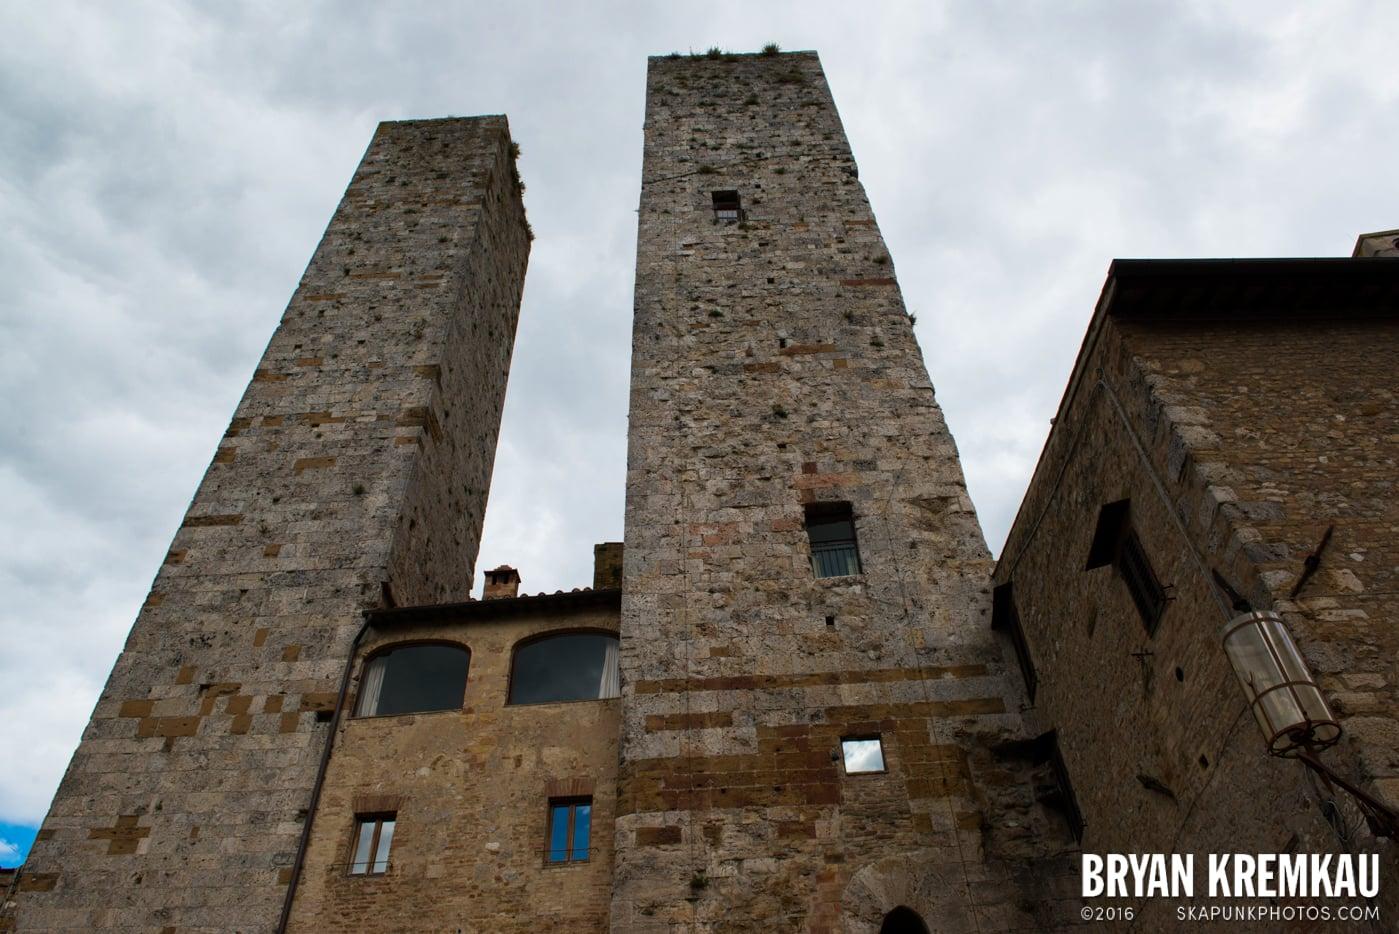 Italy Vacation - Day 8: Siena, San Gimignano, Chianti, Pisa - 9.16.13 (65)